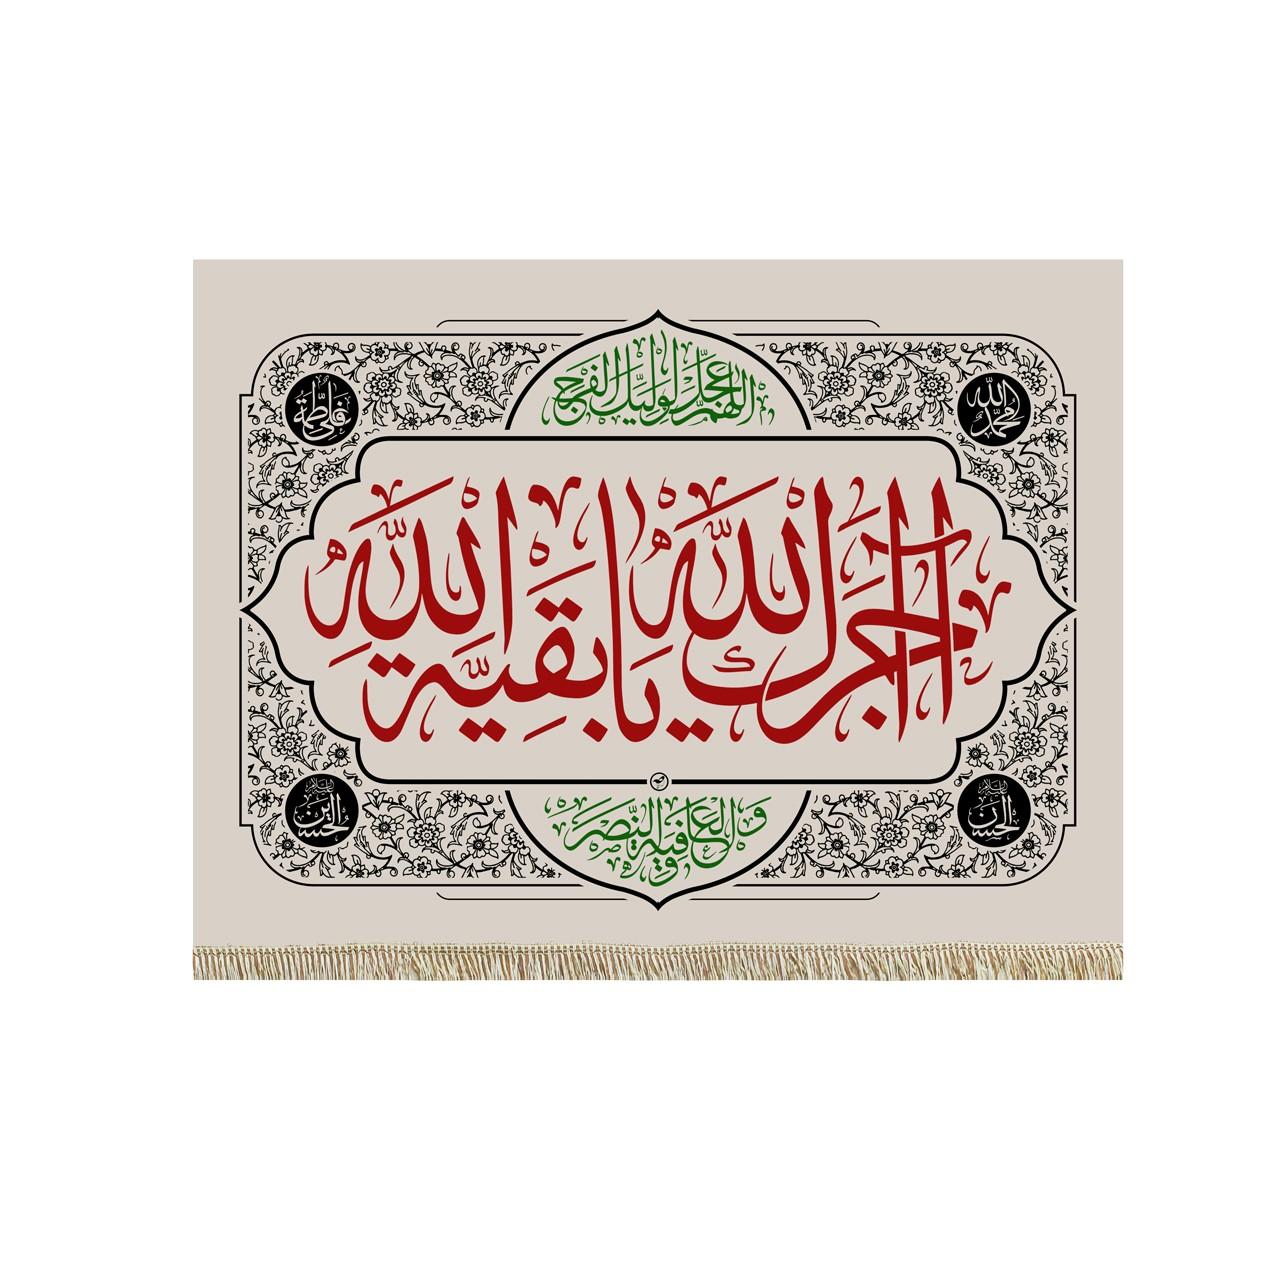 پرچم طرح اجرک الله یا بقیة الله کد pr6